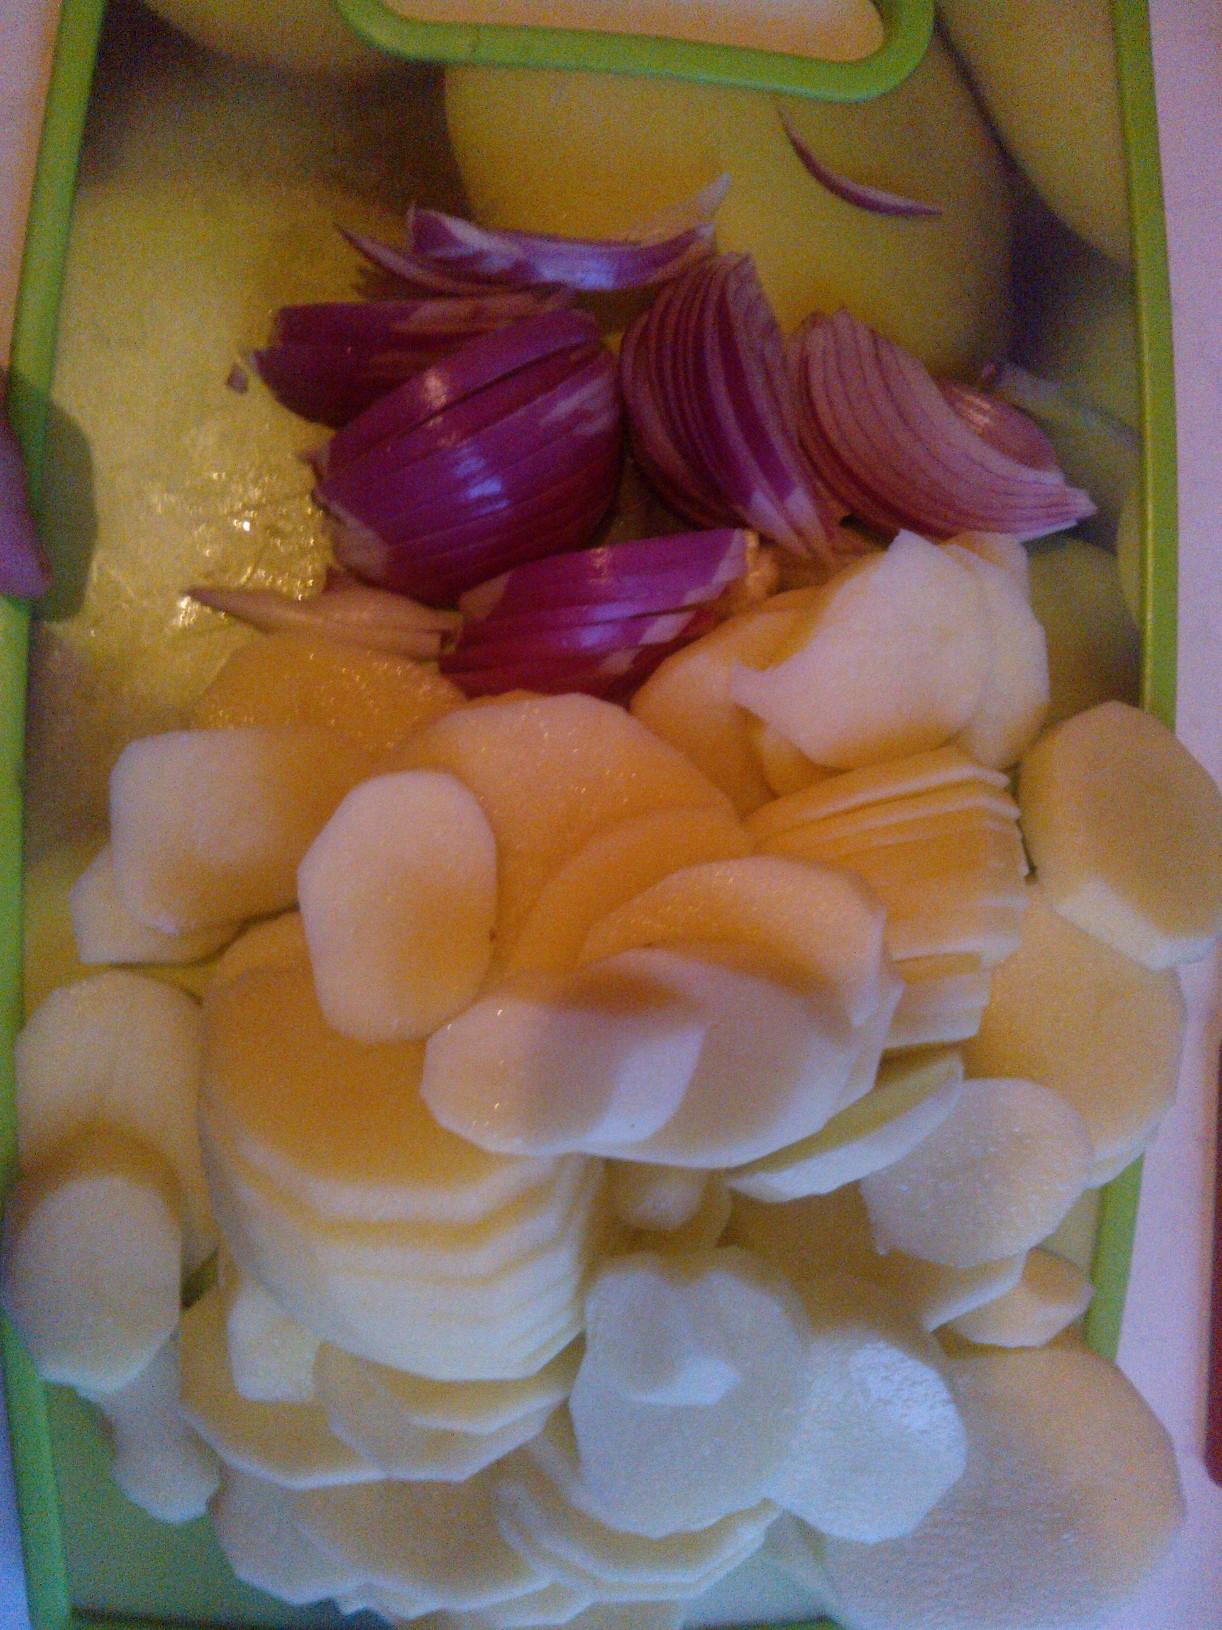 البطاطا 14227326342.jpg